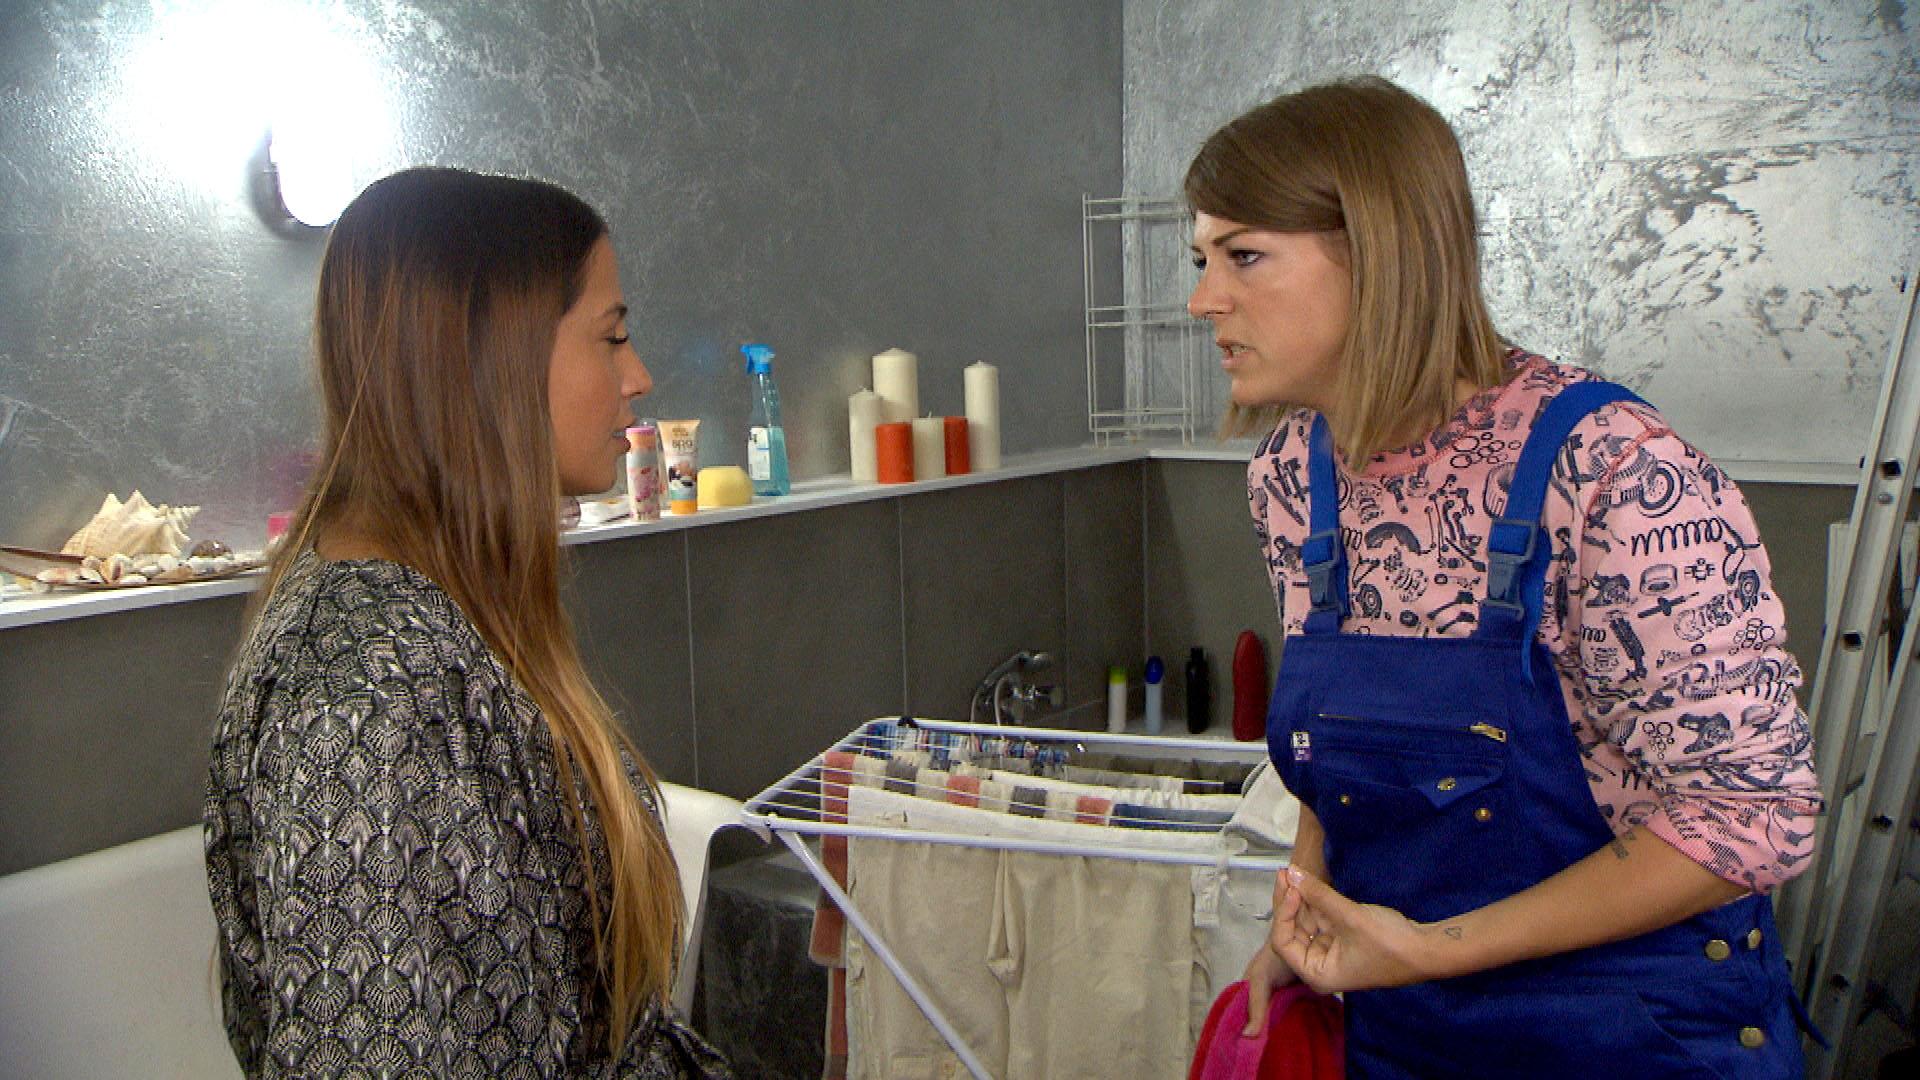 Alessia (li.) wünscht sich ihre alte Freundschaft mit Alina (re.) zurück, aber Alina ist dazu noch nicht bereit. (Quelle: RTL 2)